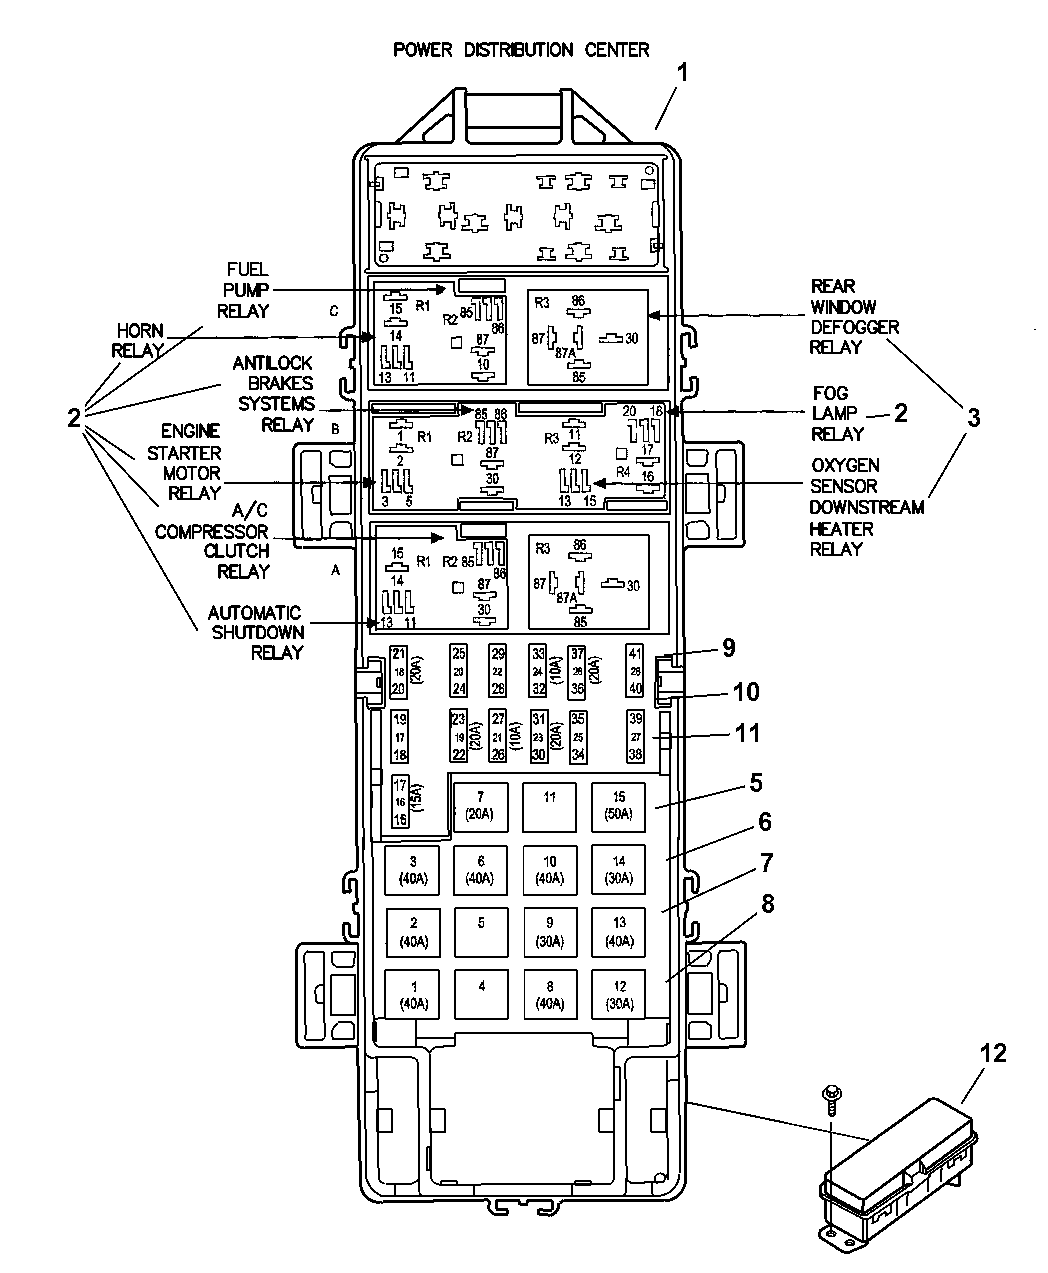 2004 Jeep Wrangler Power Distribution Center Relay  U0026 Fuses